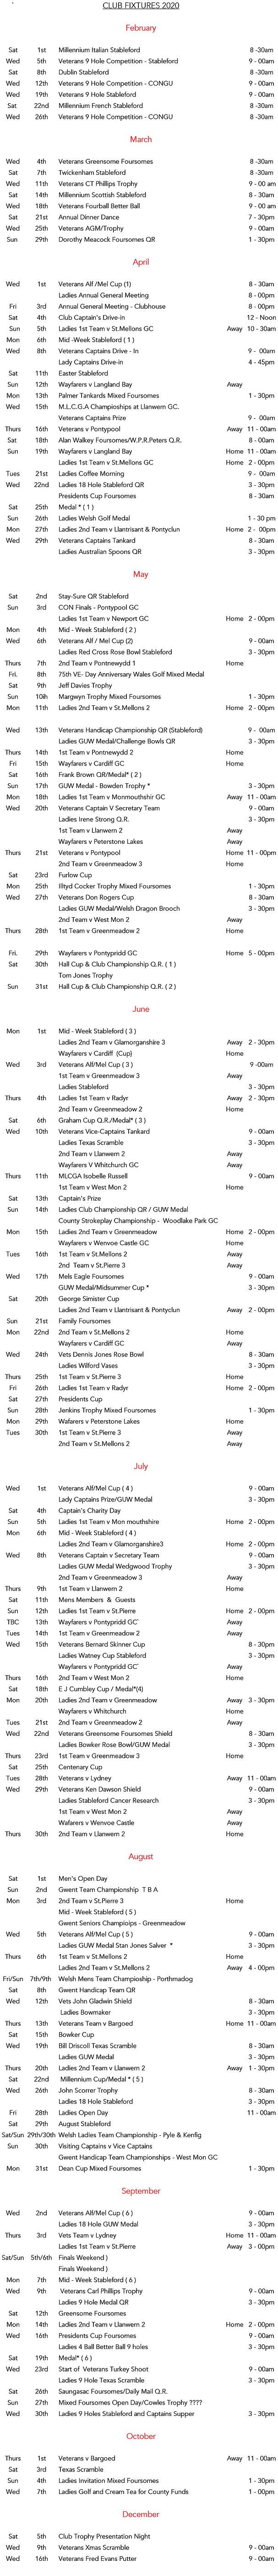 2020 golf fixtures 3 fold.jpg